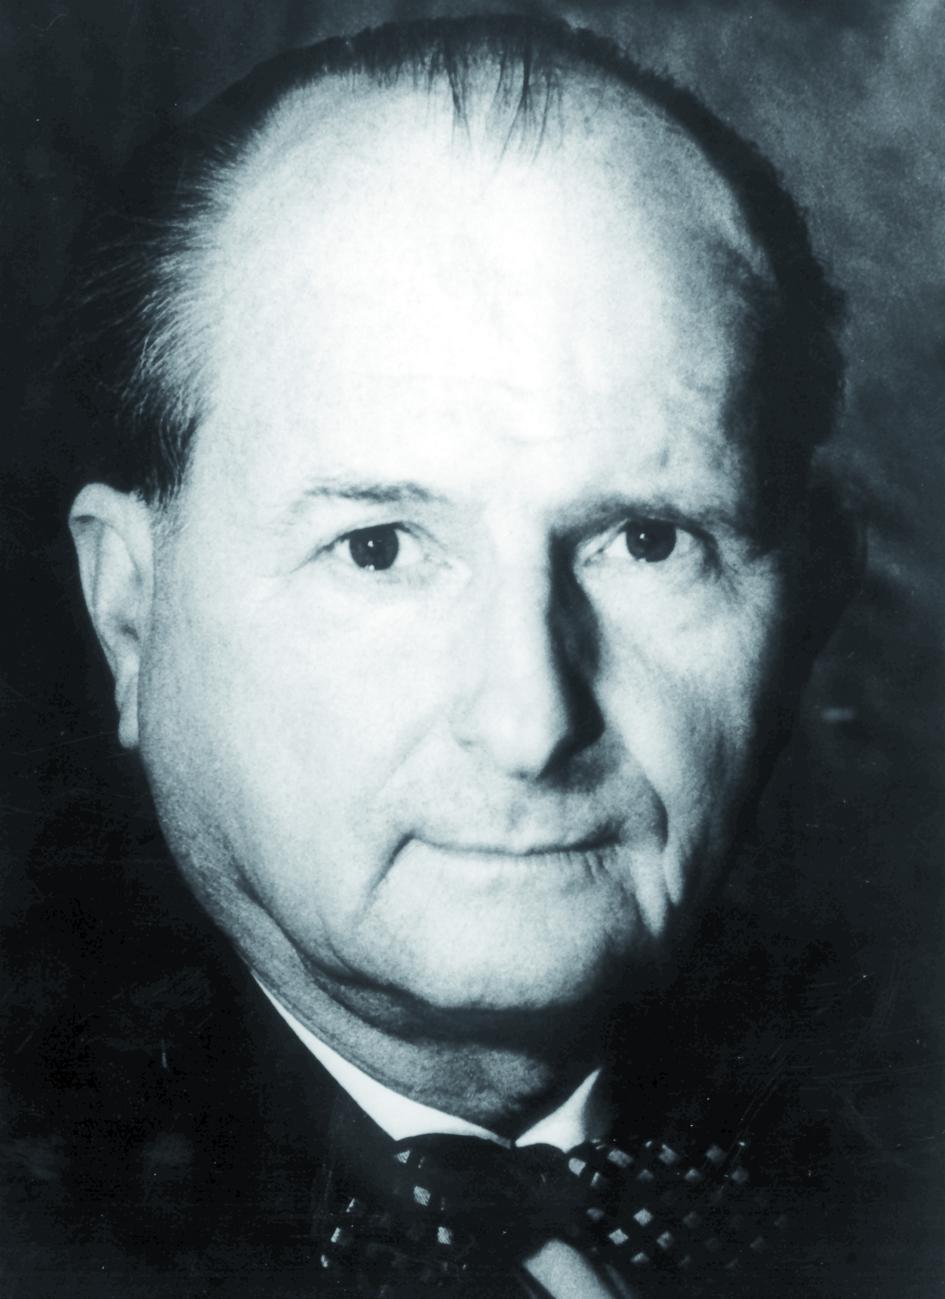 Portraitfoto von Herrn Robert Prévot.